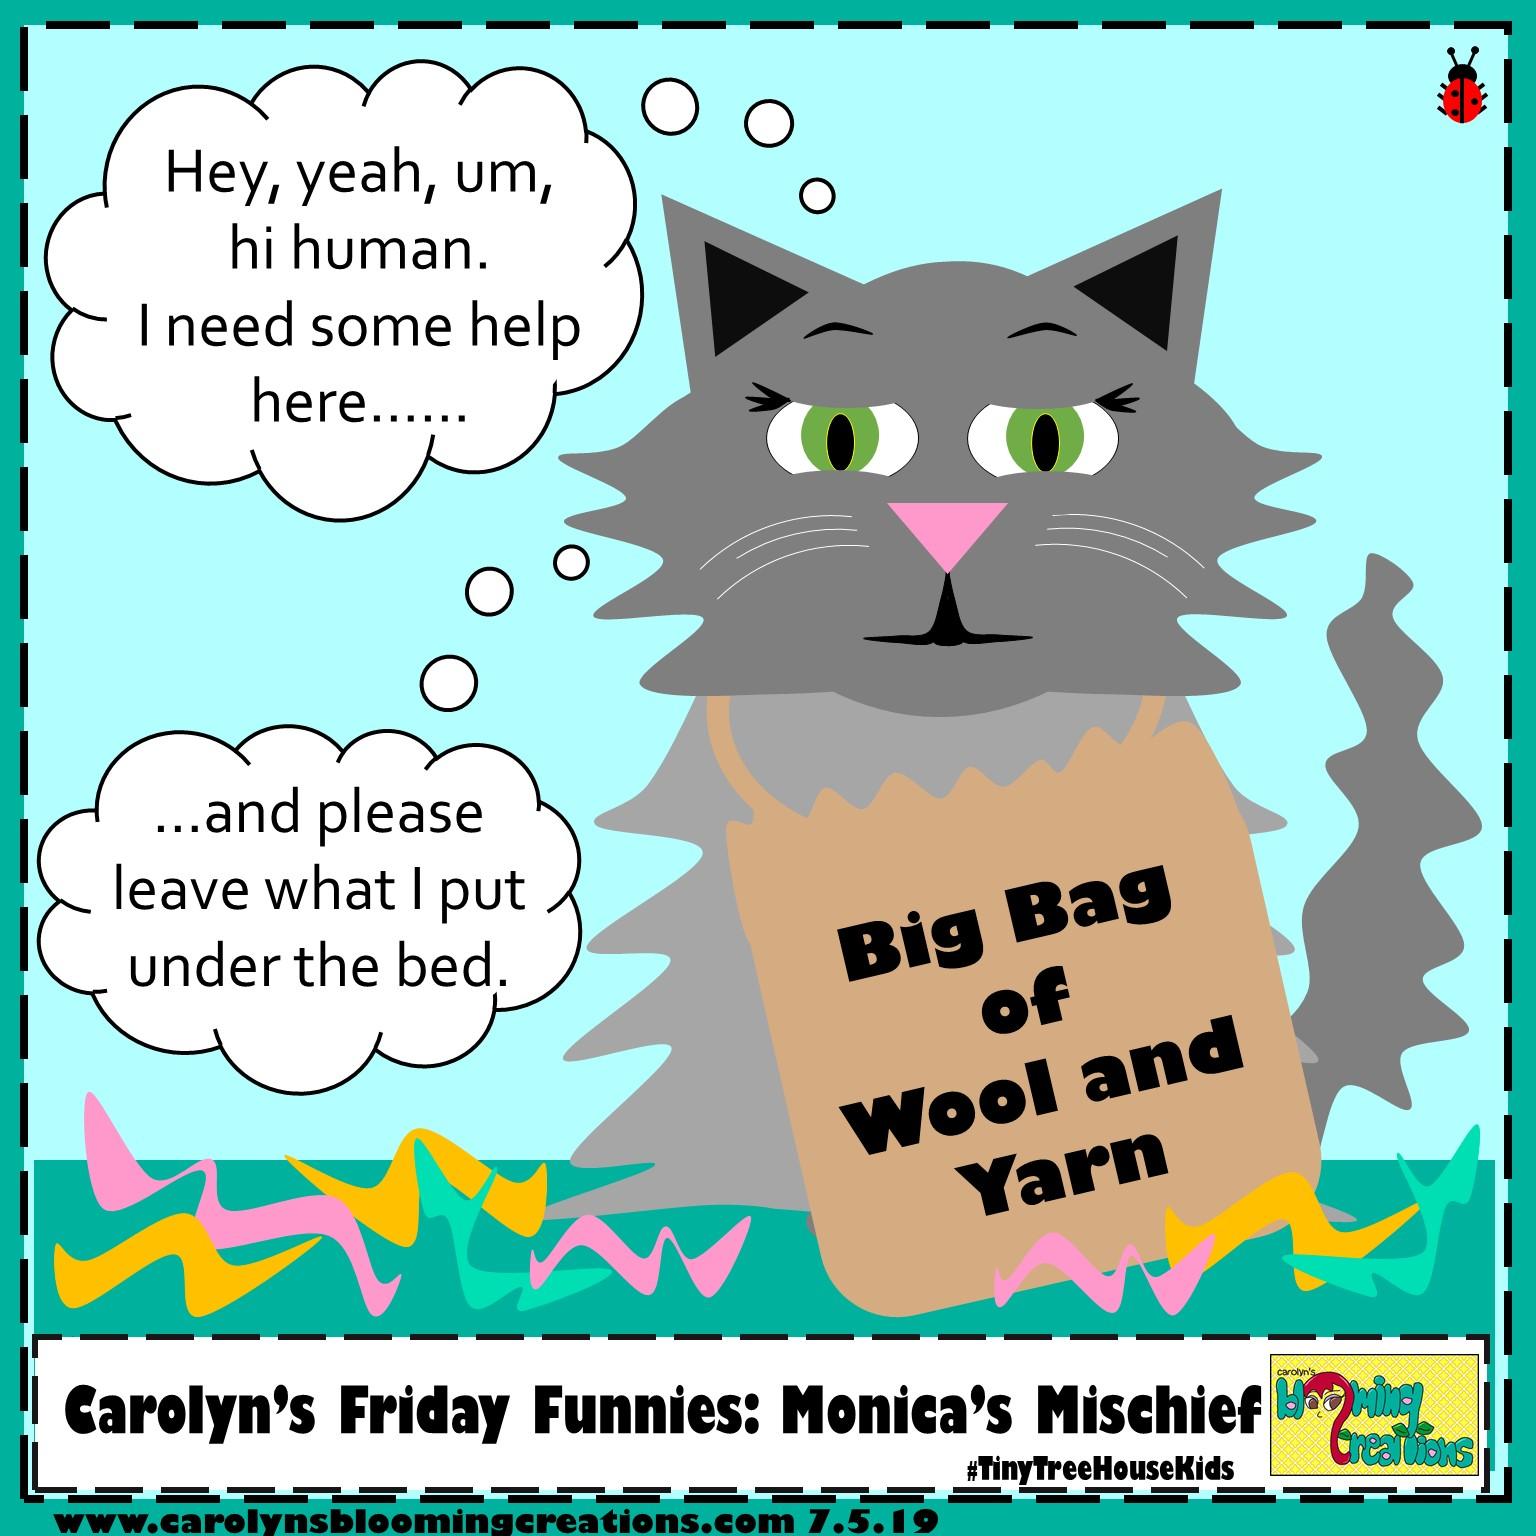 Carolyn Braden friday funny Monica's Mischief.jpg